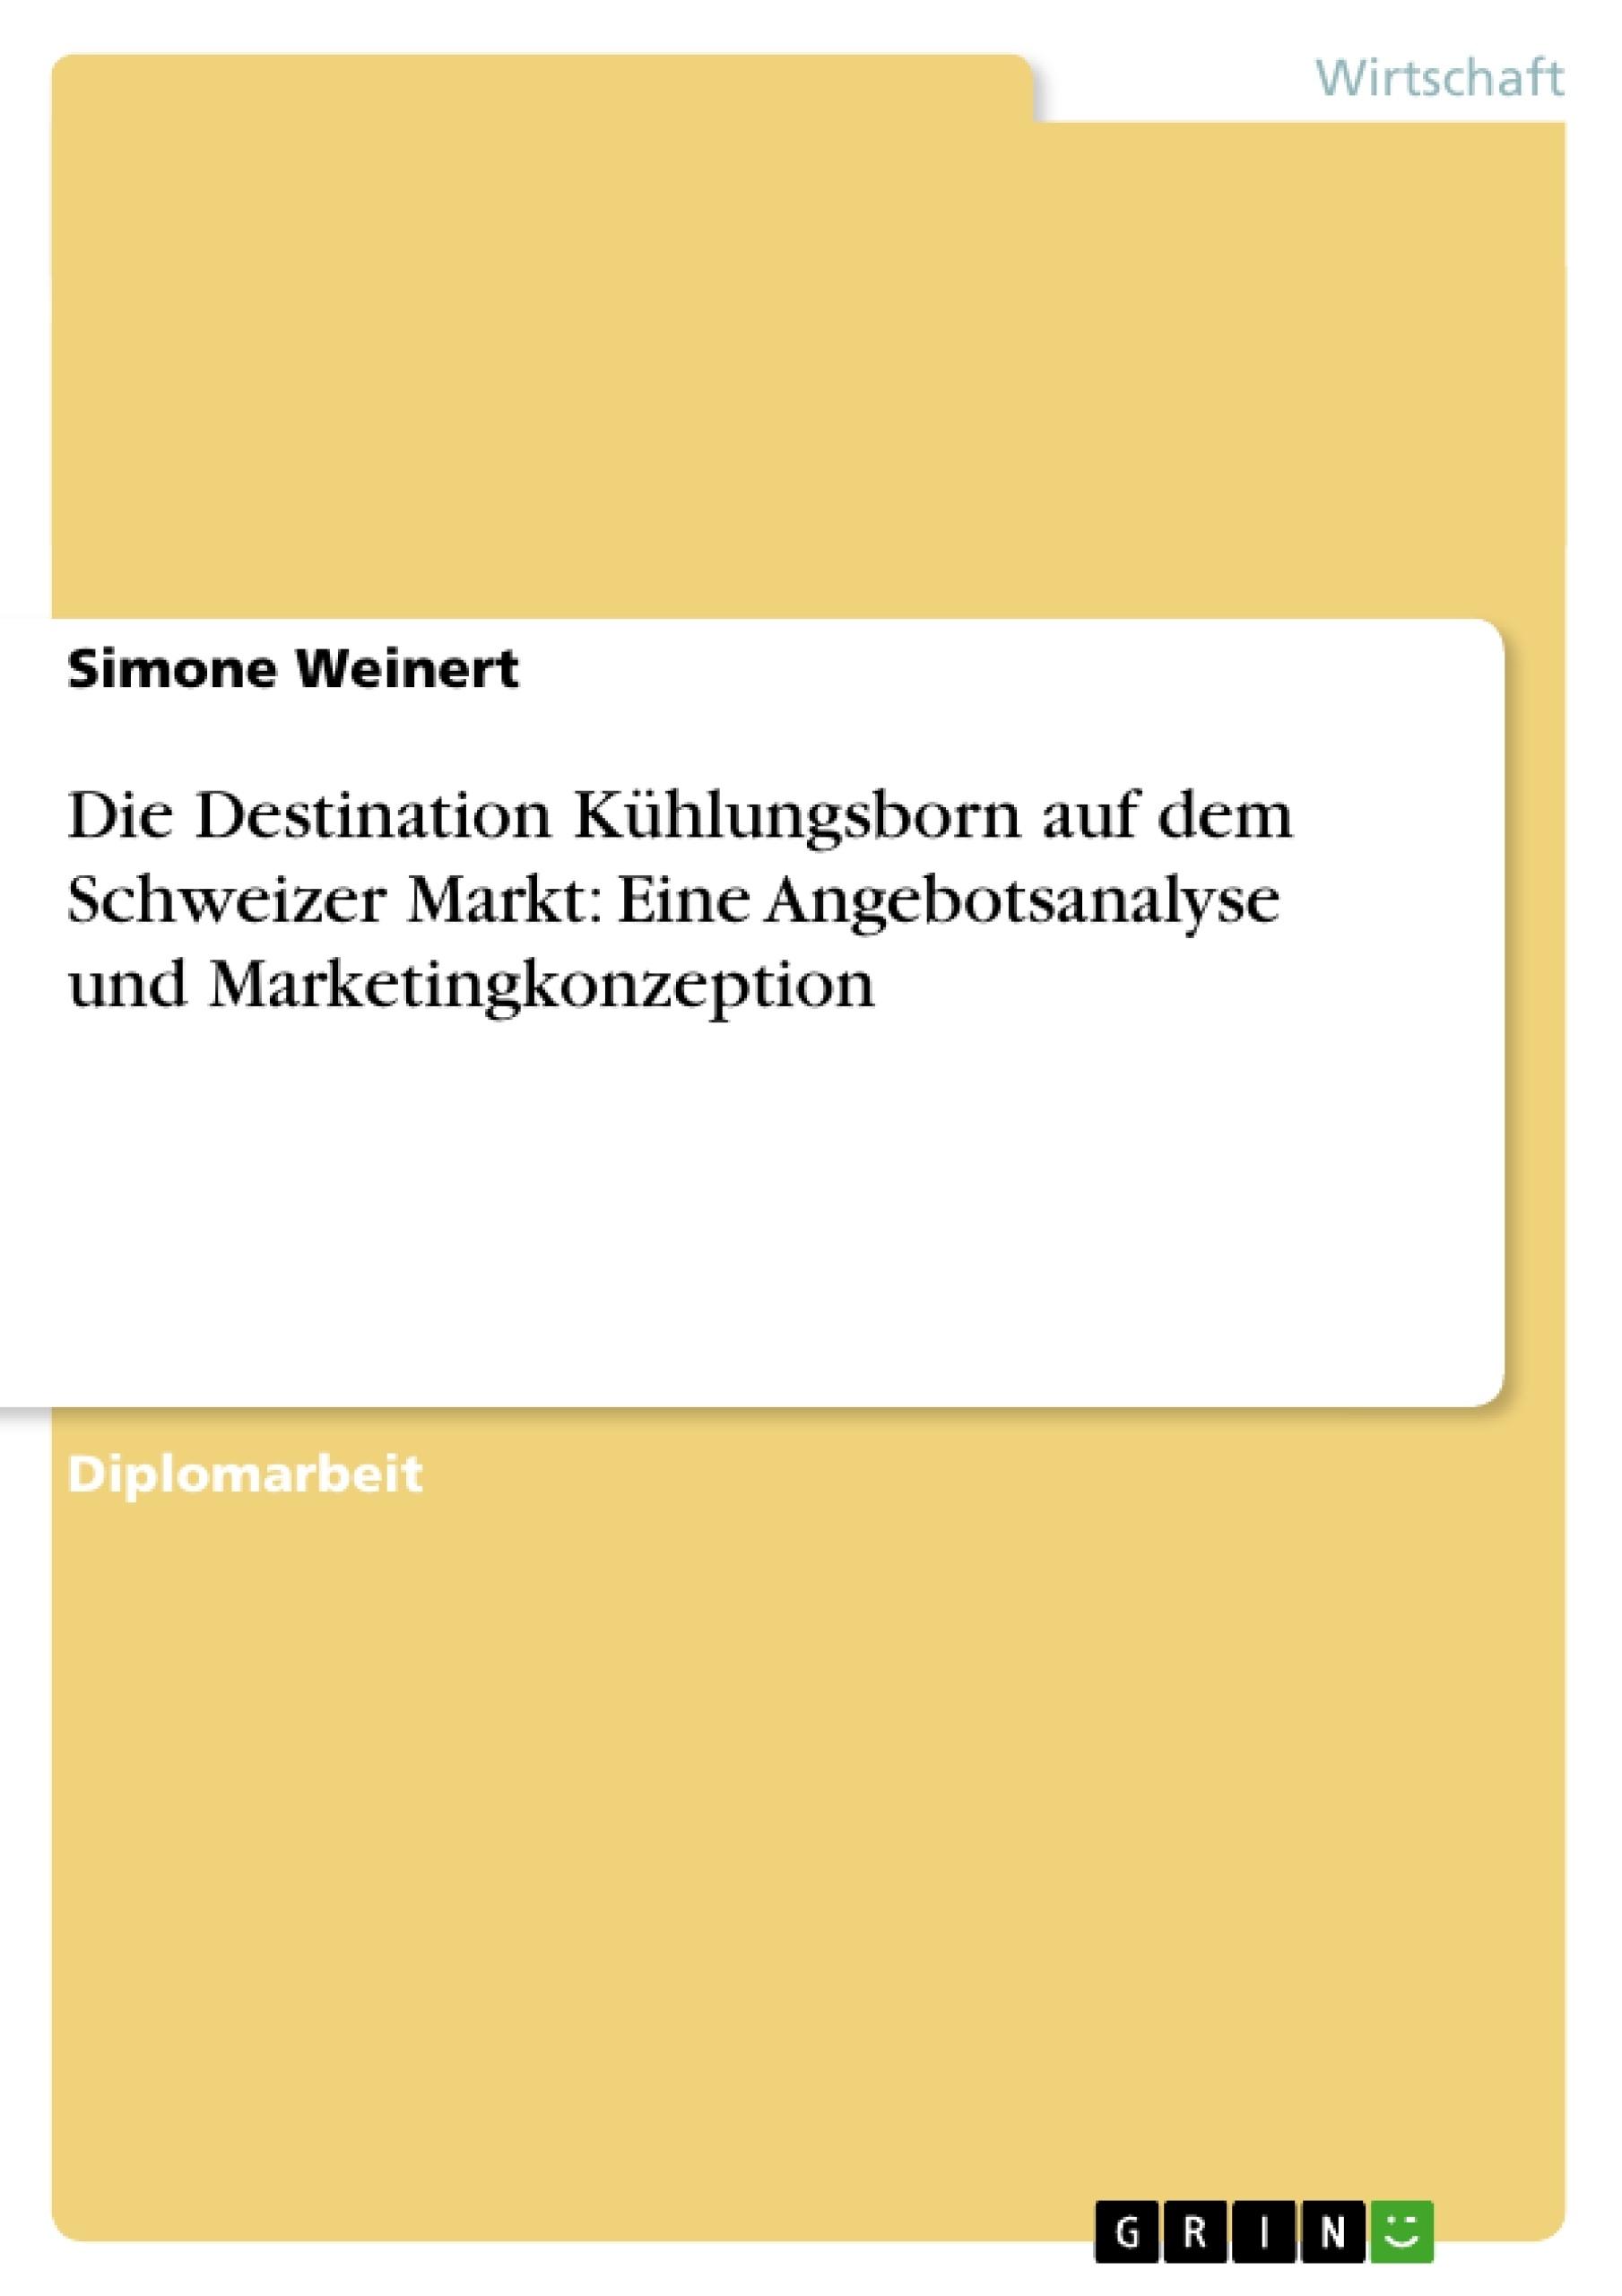 Titel: Die Destination Kühlungsborn auf dem Schweizer Markt: Eine Angebotsanalyse und Marketingkonzeption